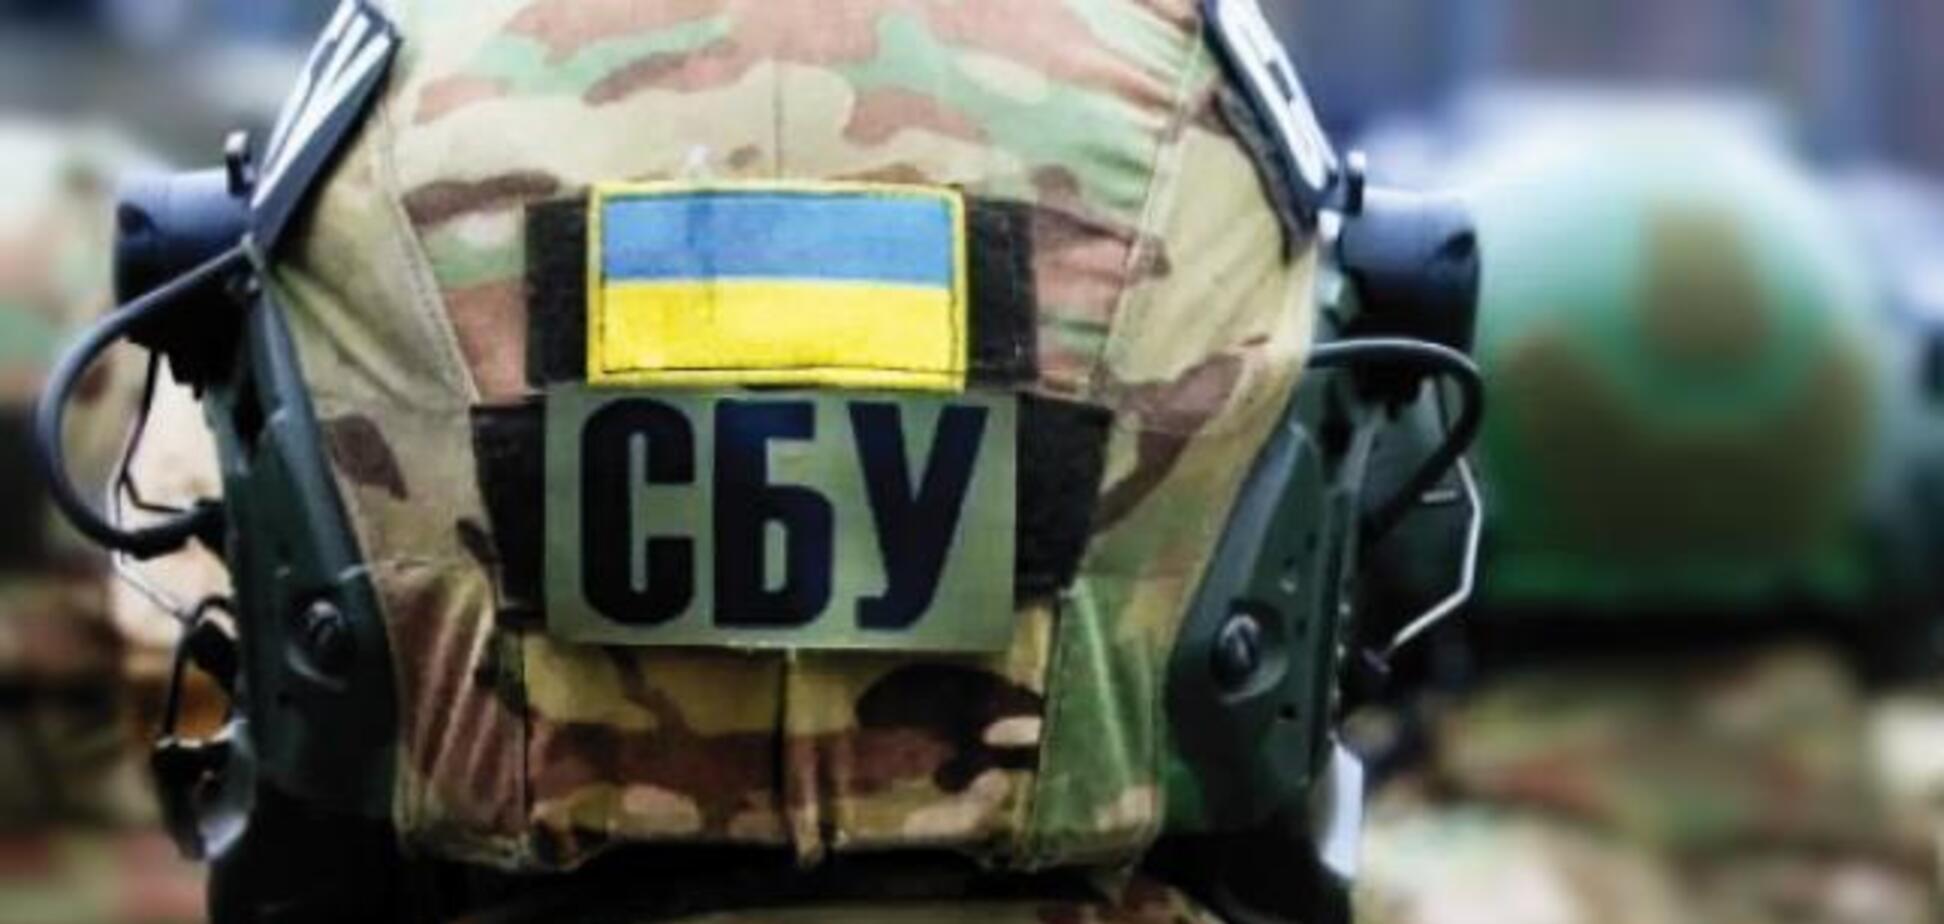 Призывал к терактам: под Днепром задержали опасного агента-провокатора России